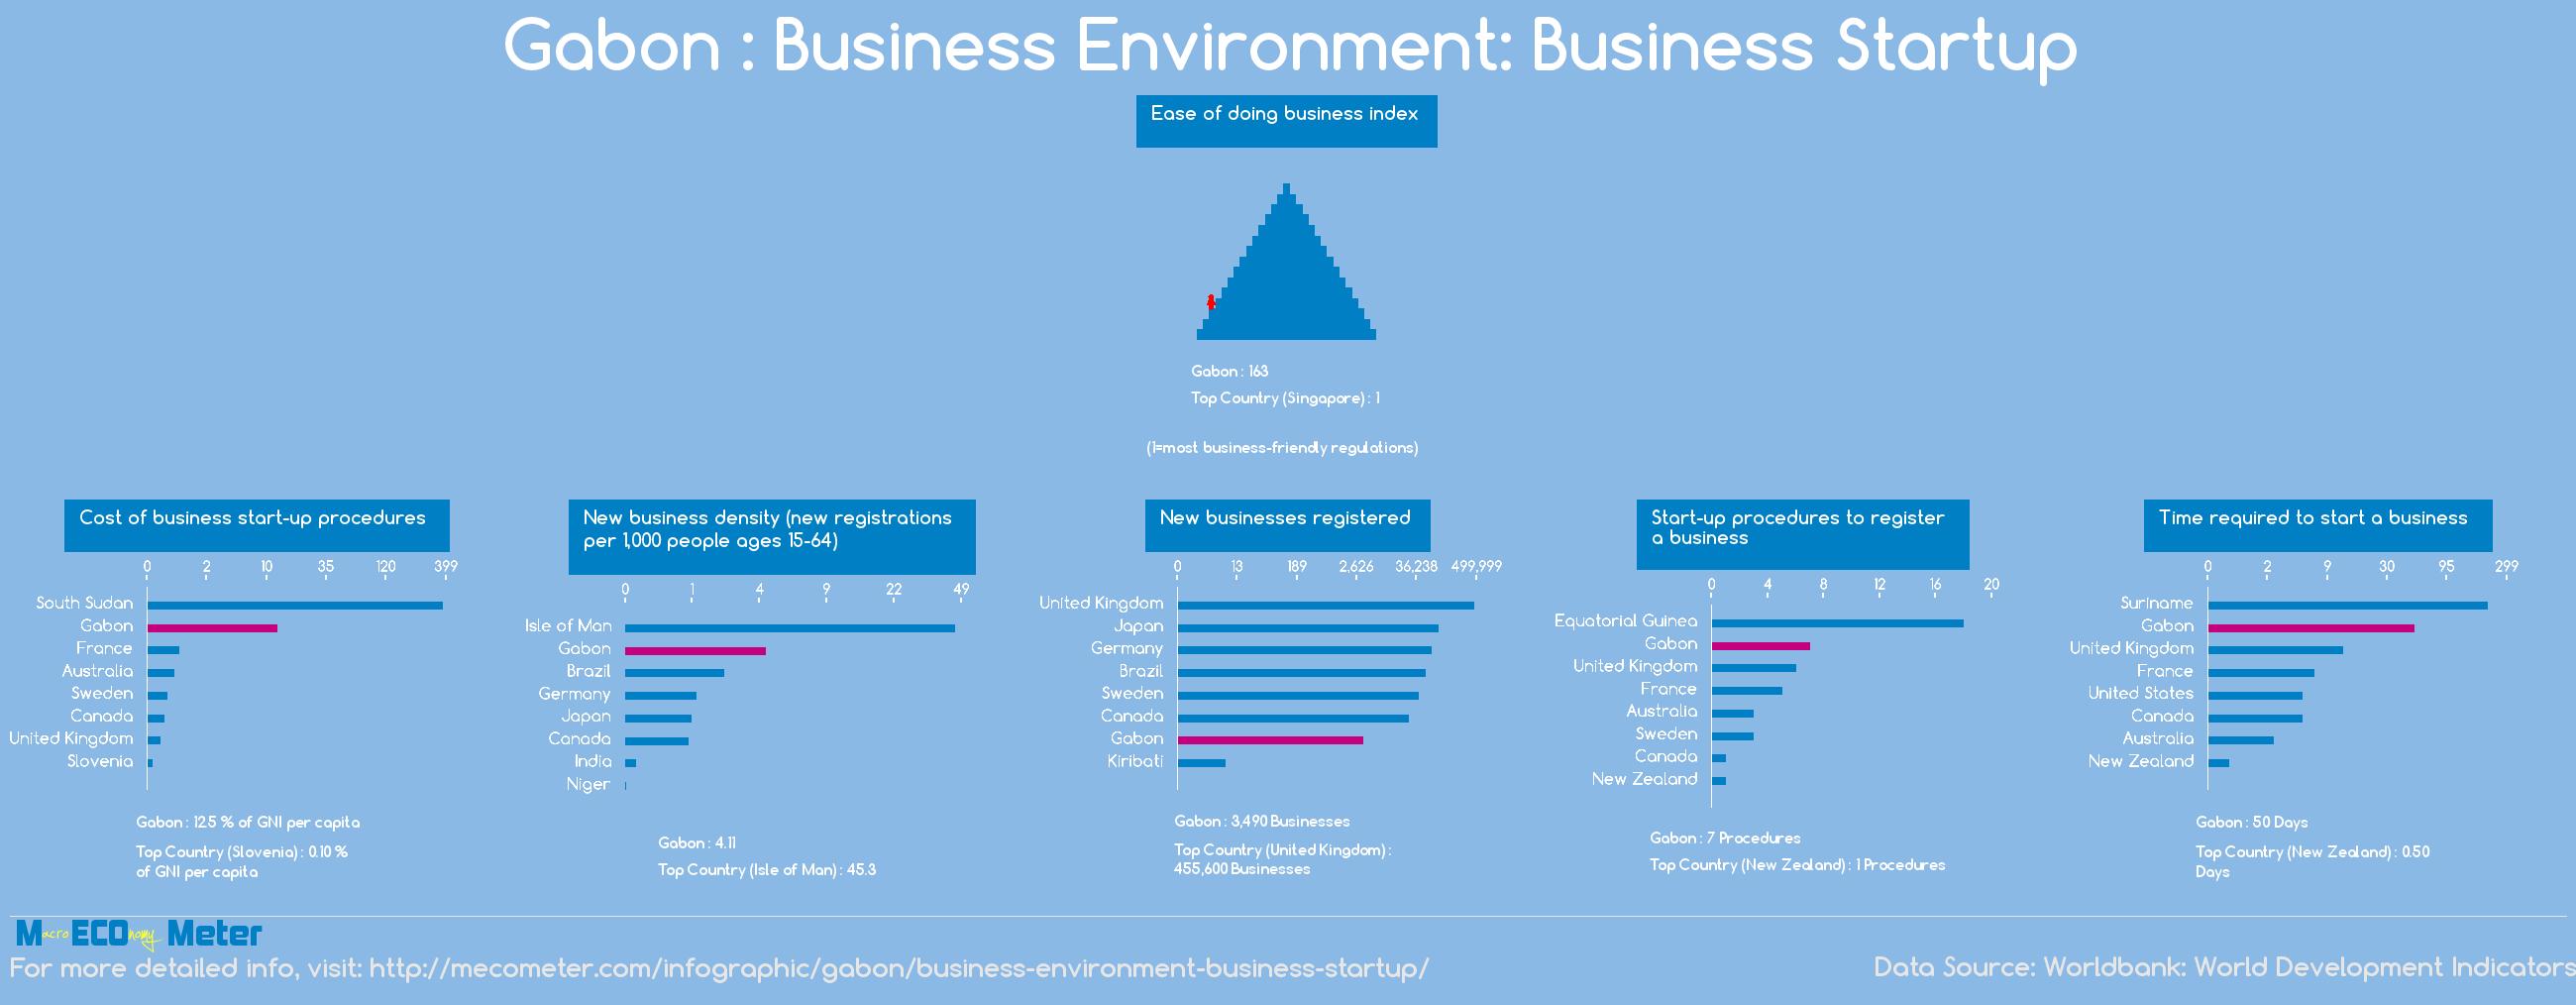 Gabon : Business Environment: Business Startup